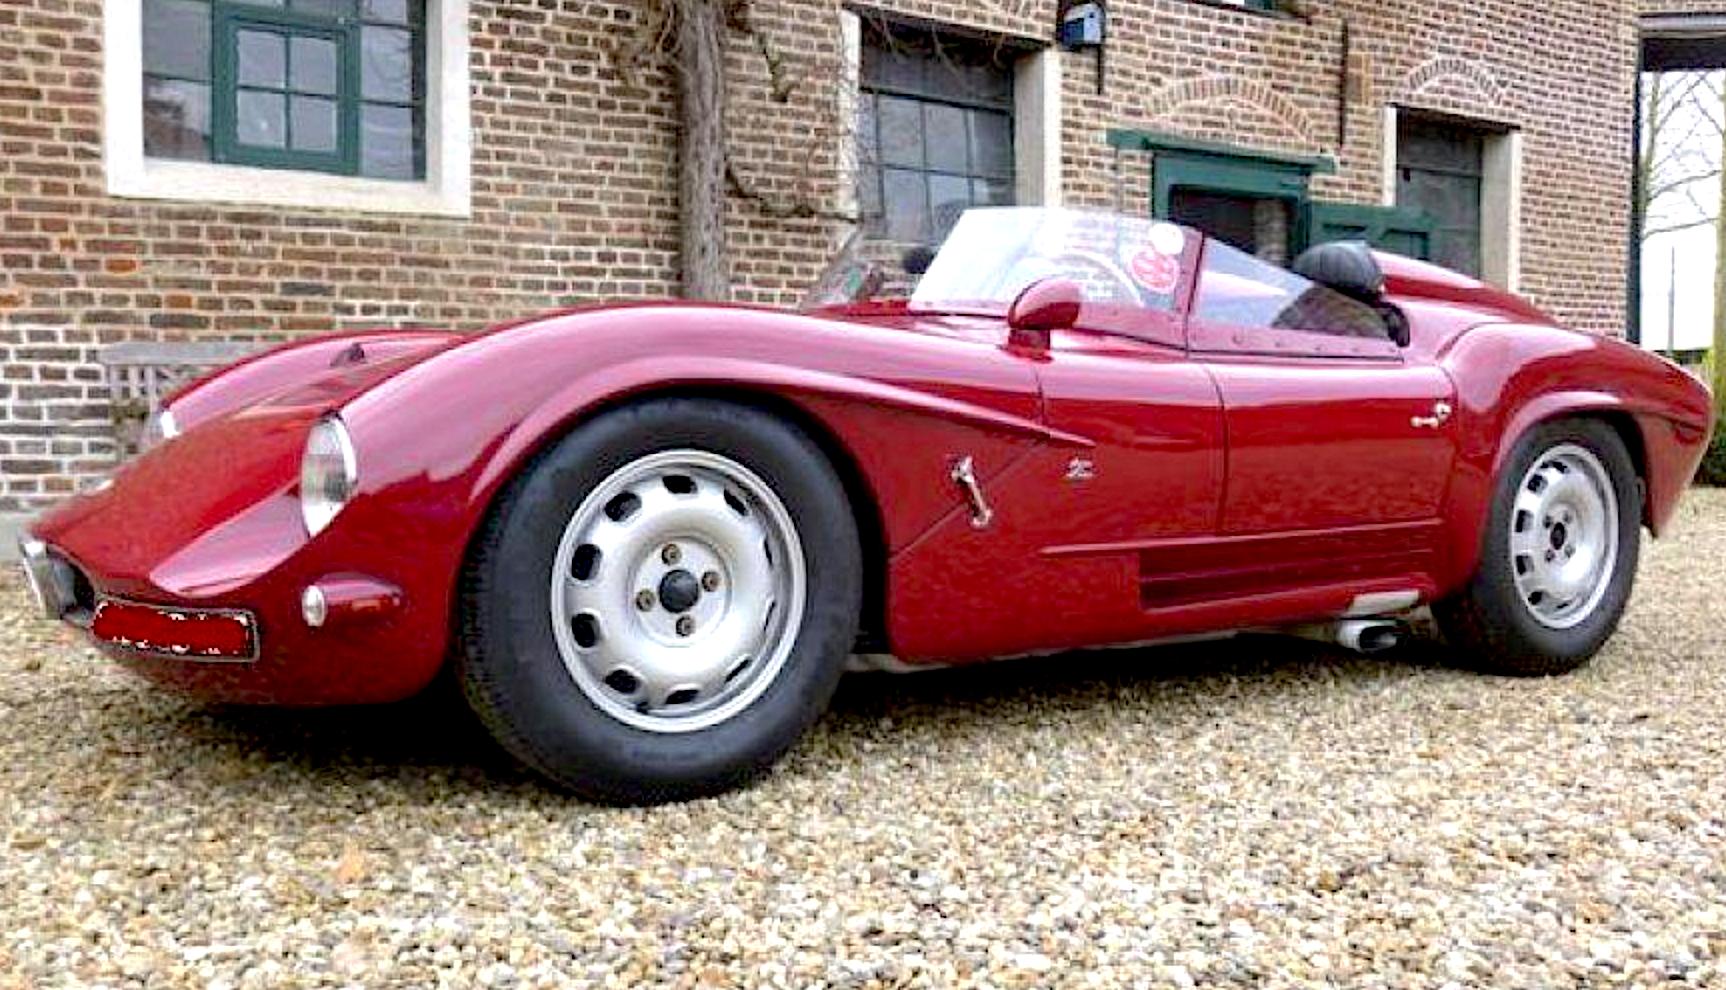 1963 alfa romeo barchetta convertible in 2020 alfa romeo classic sports cars classic cars vintage classic sports cars classic cars vintage